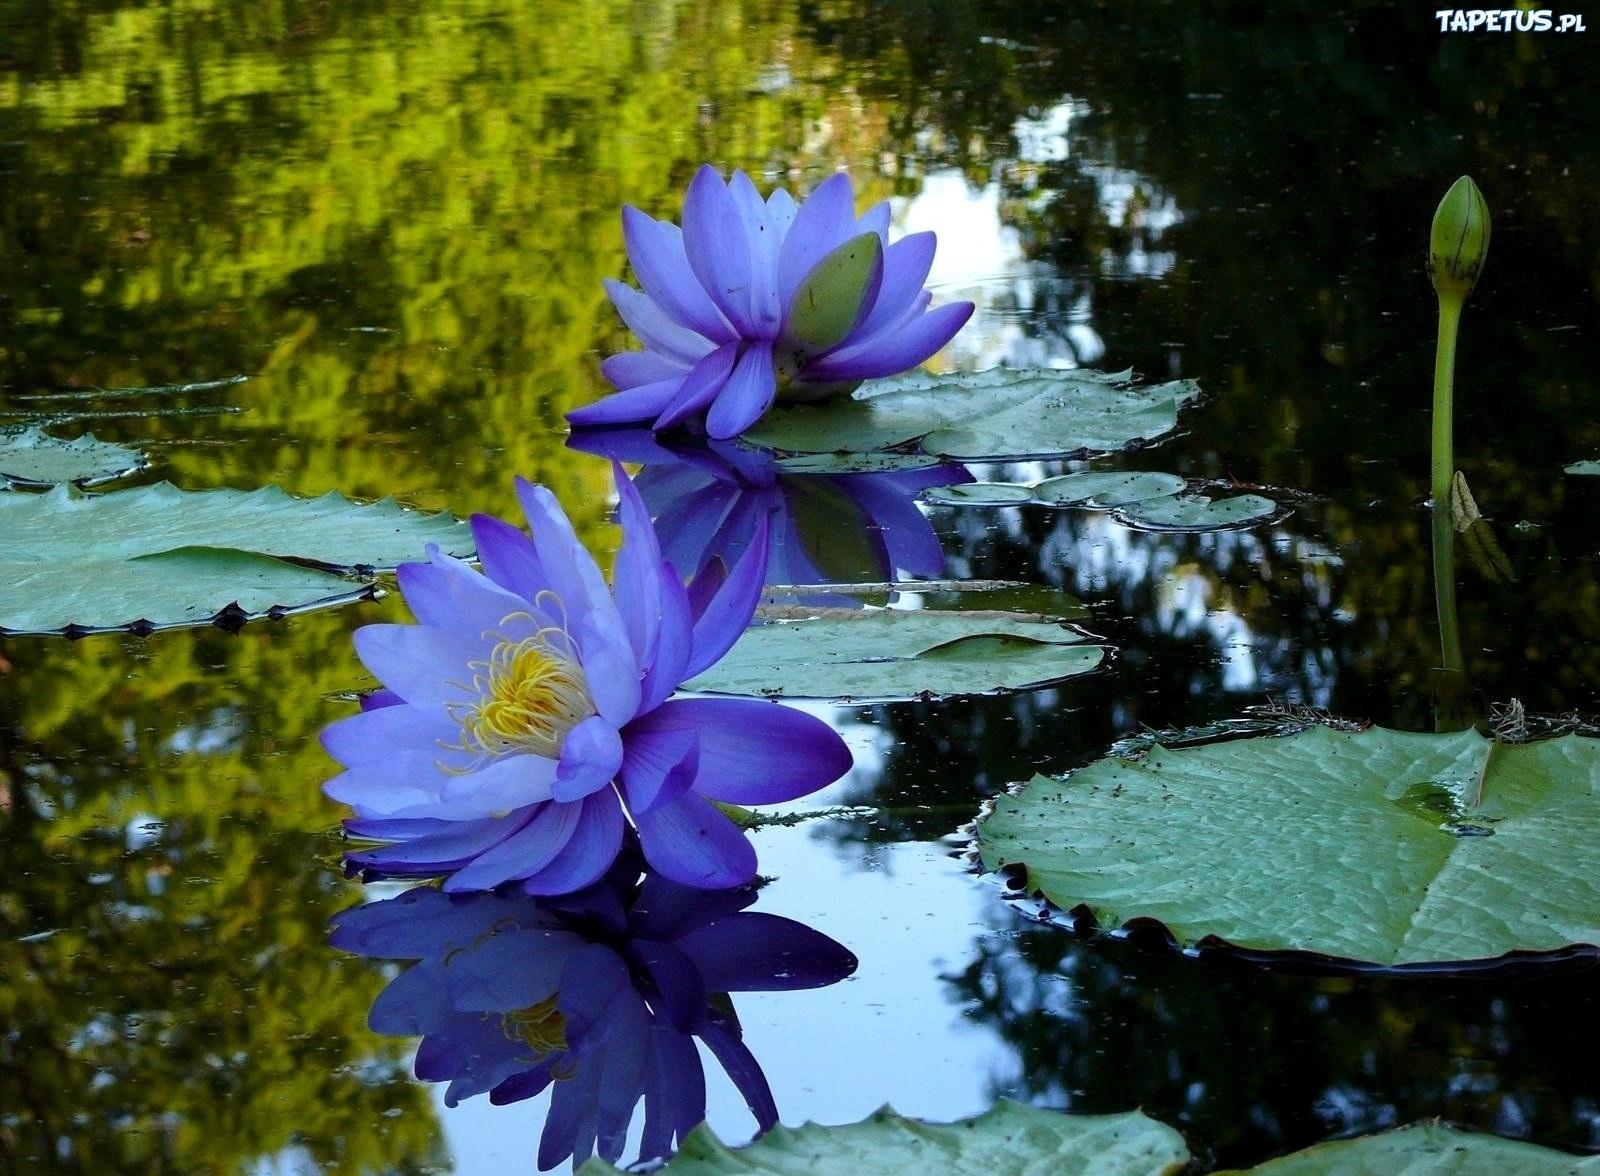 картинки в болотном цвете все гости вечера